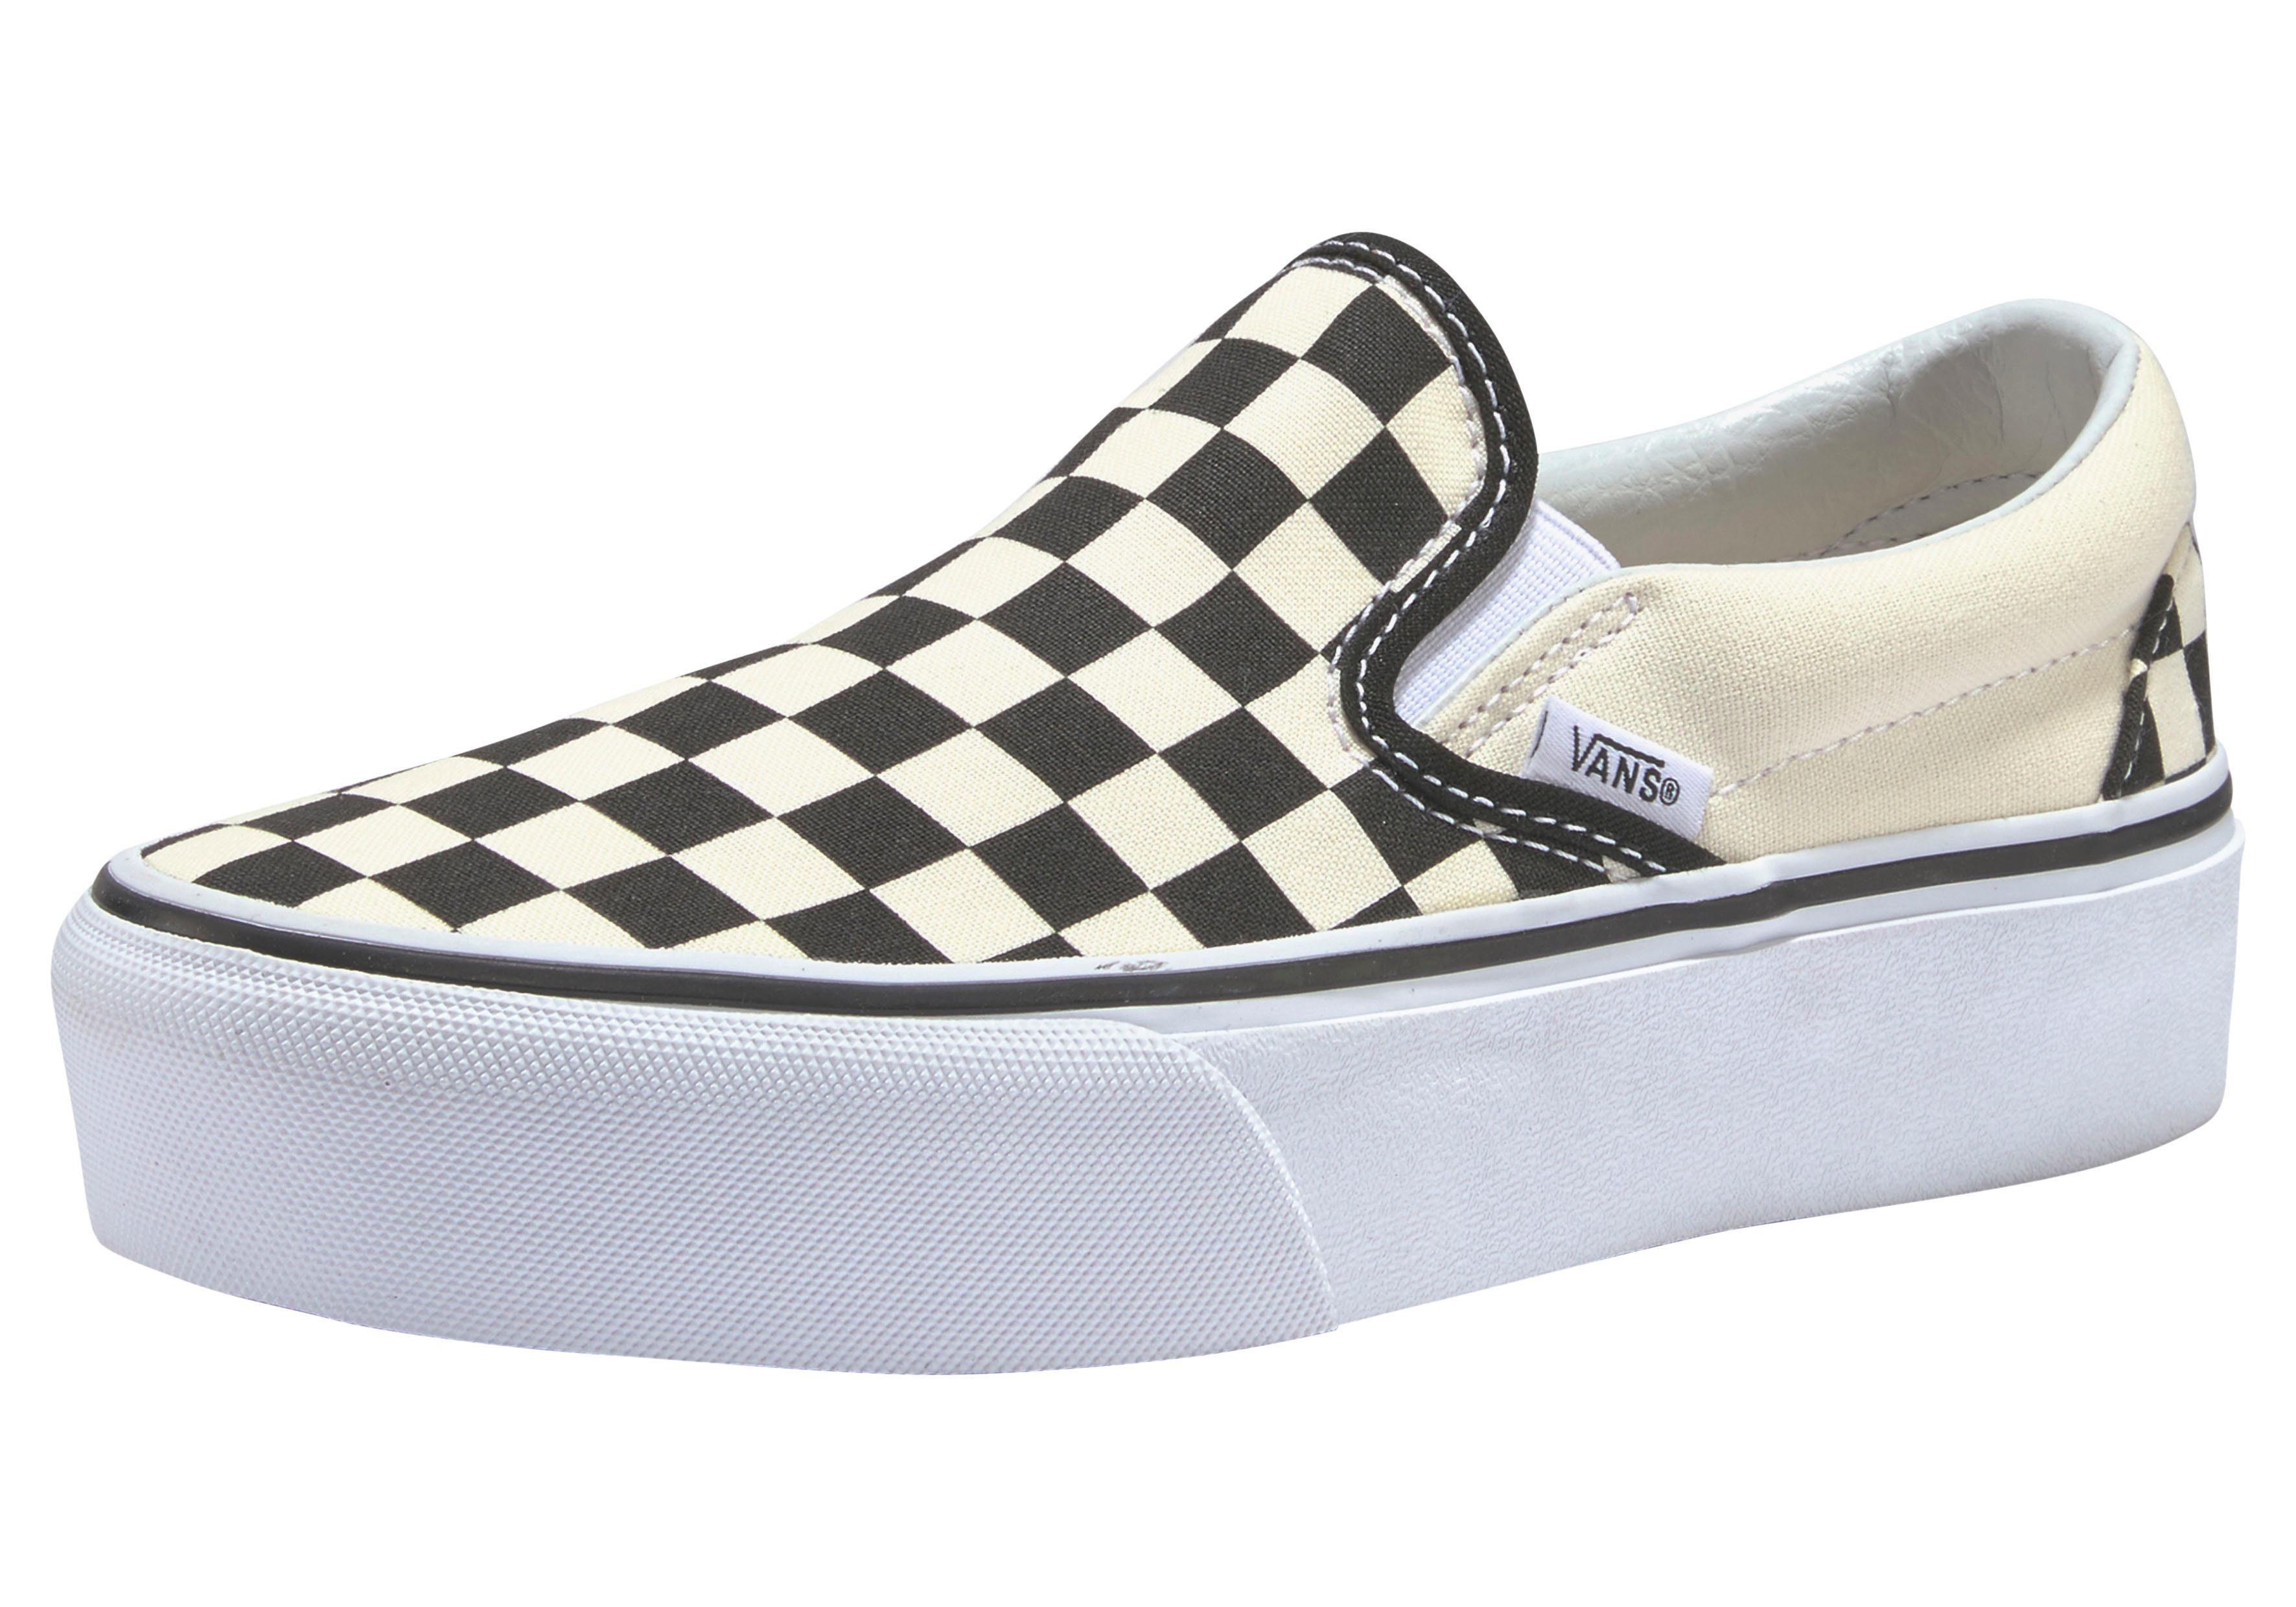 Vans »Checkerboard Classic Slip-On Platform« Plateausneaker online kaufen | OTTO